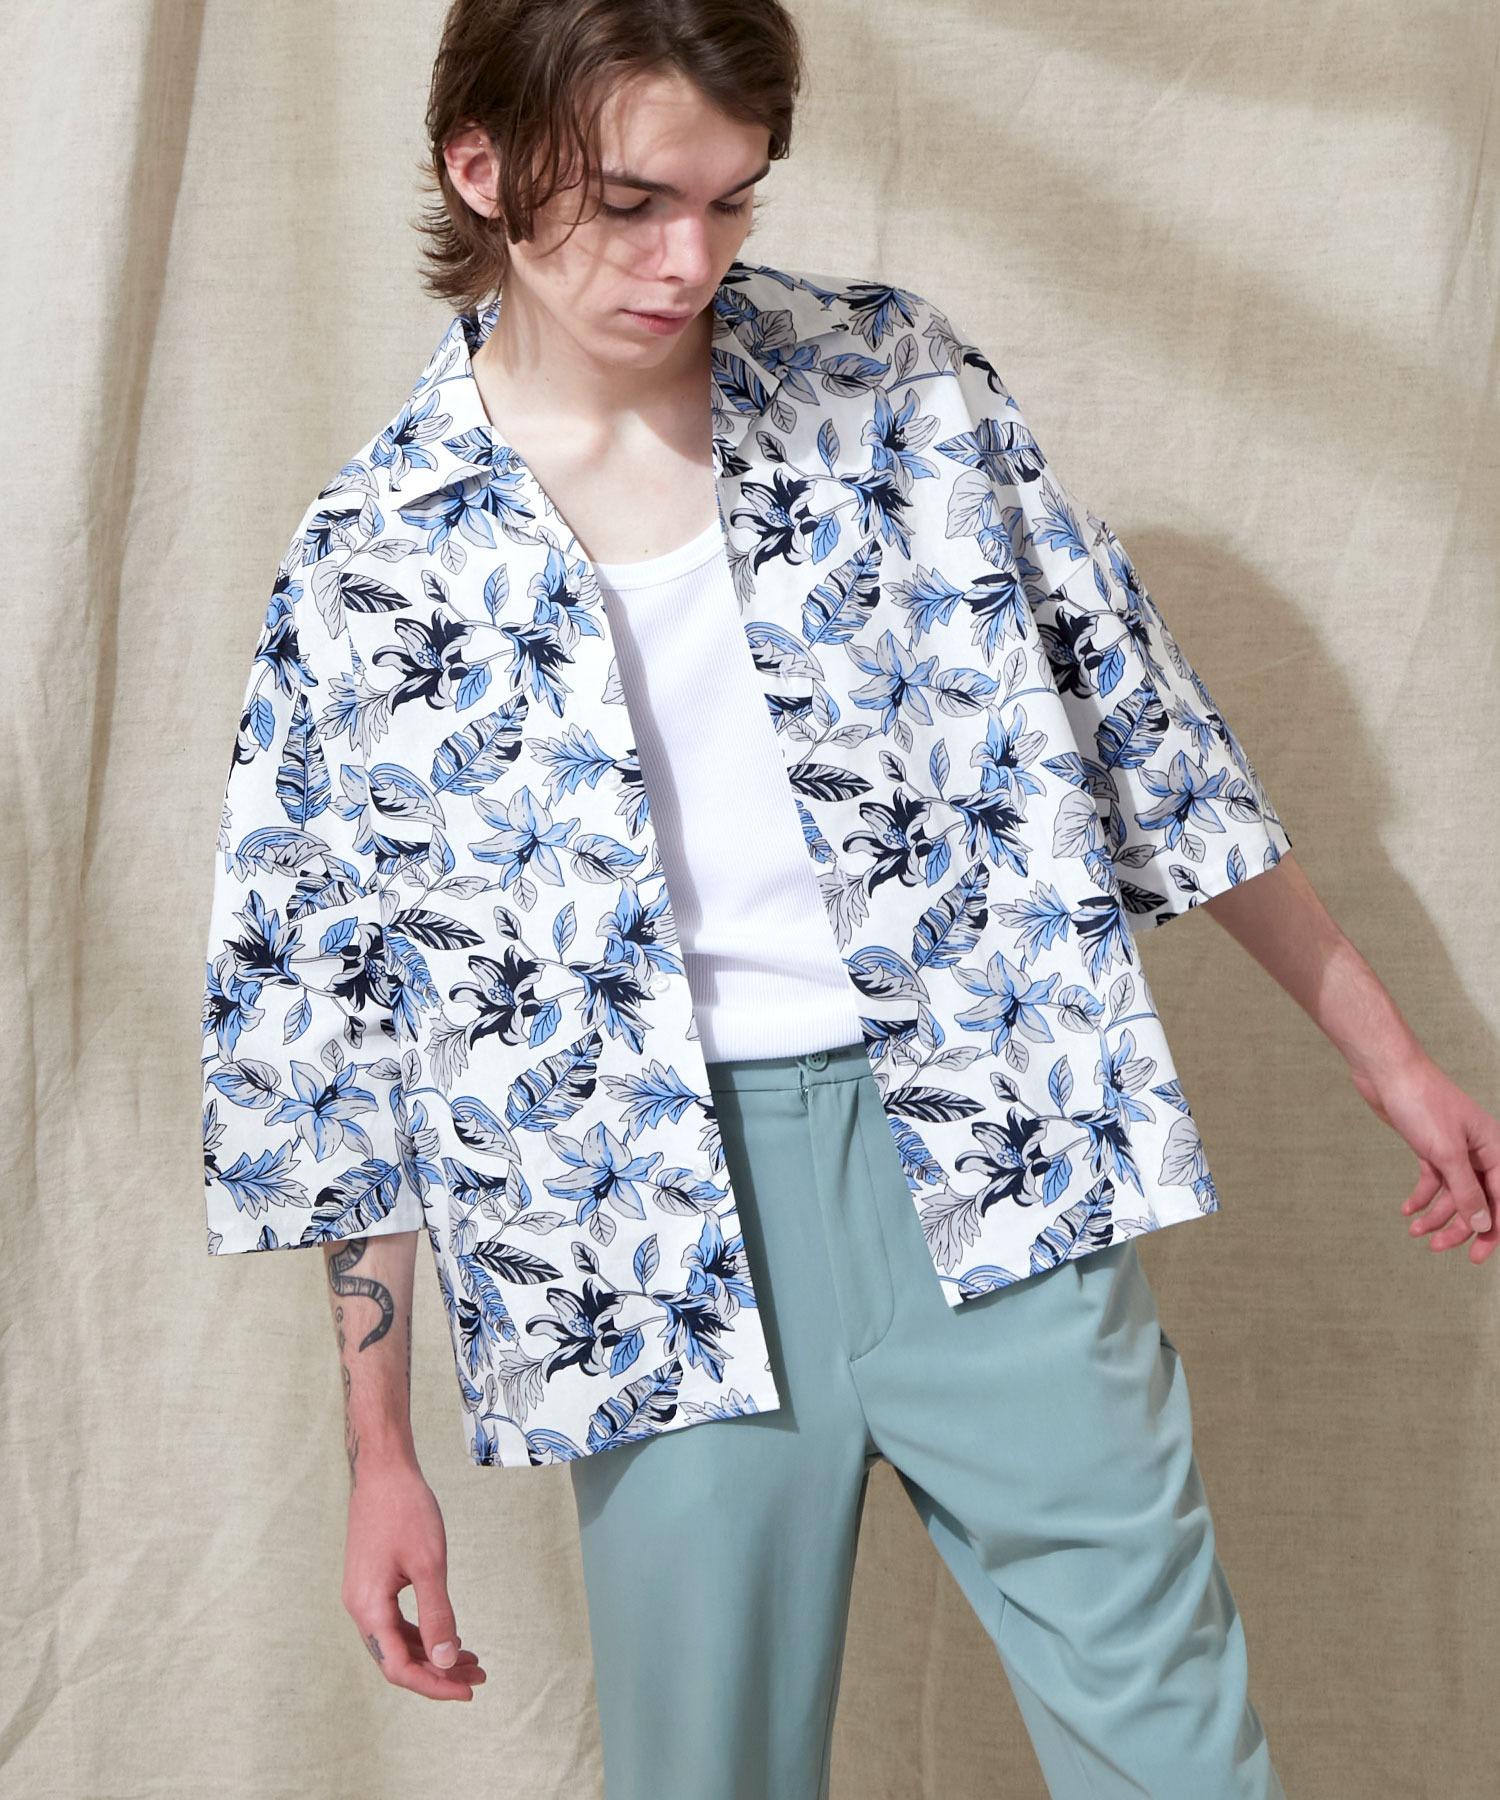 オーバーサイズドルマン プラントガラ オープンカラーS/Sシャツ EMMA CLOTHES 2021SUMMER